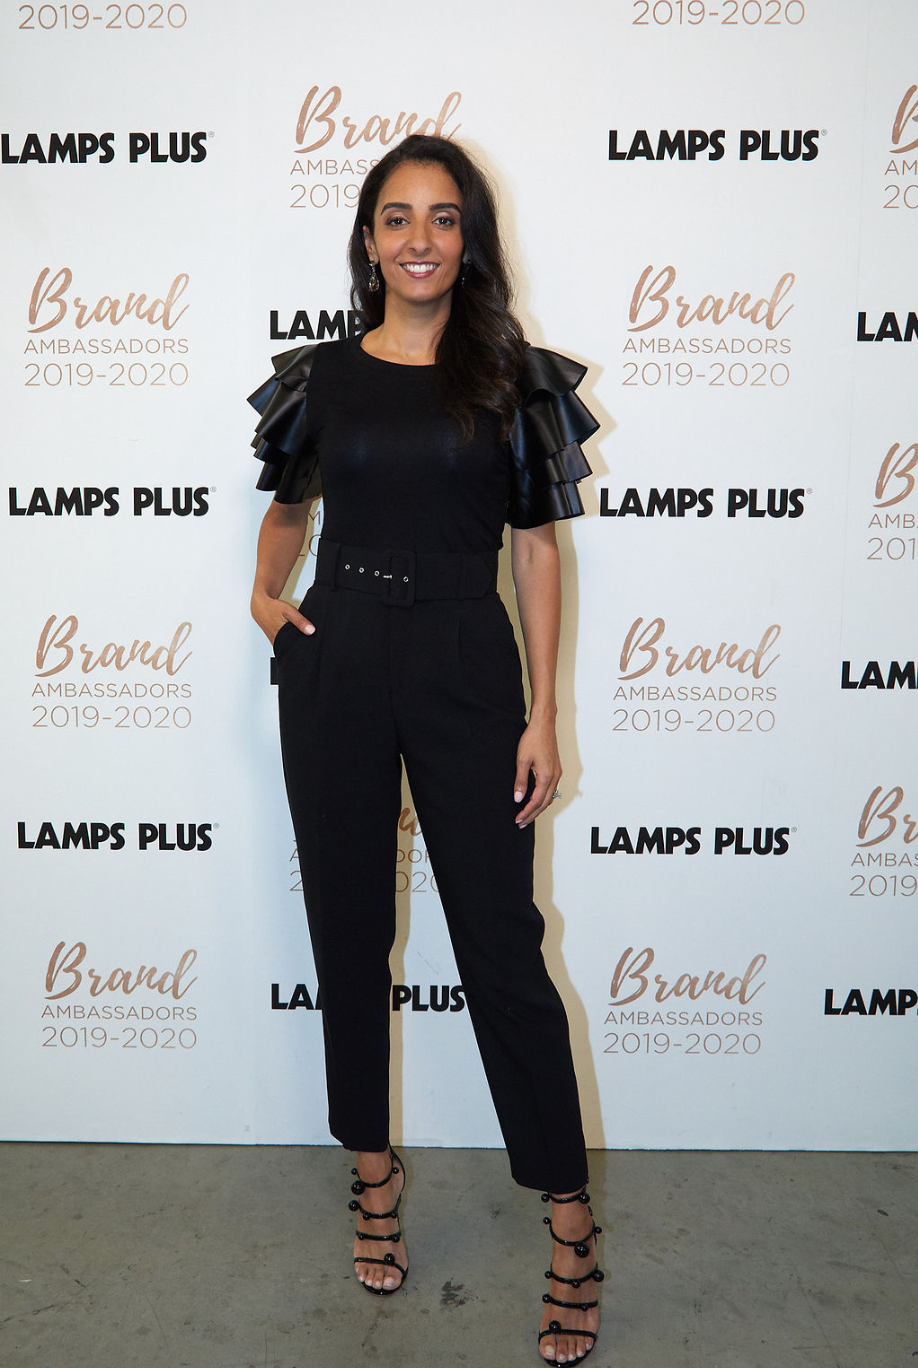 Farah Merhi for Lamps PLus